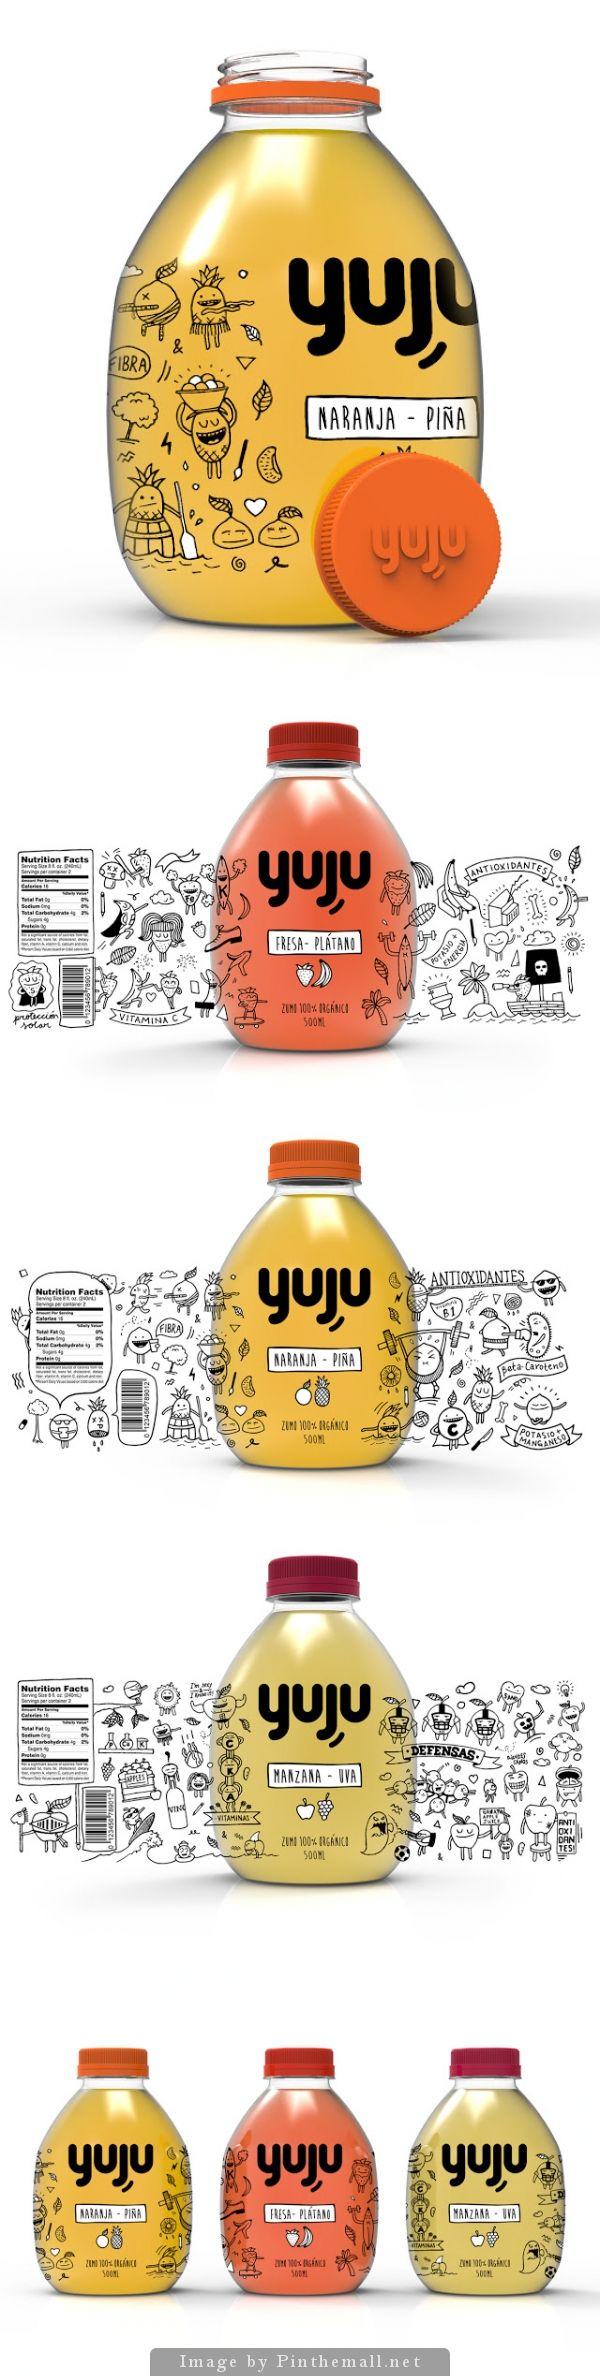 YUJU Designer: Juan Jose Montes Country: Barcelona, Spain PD